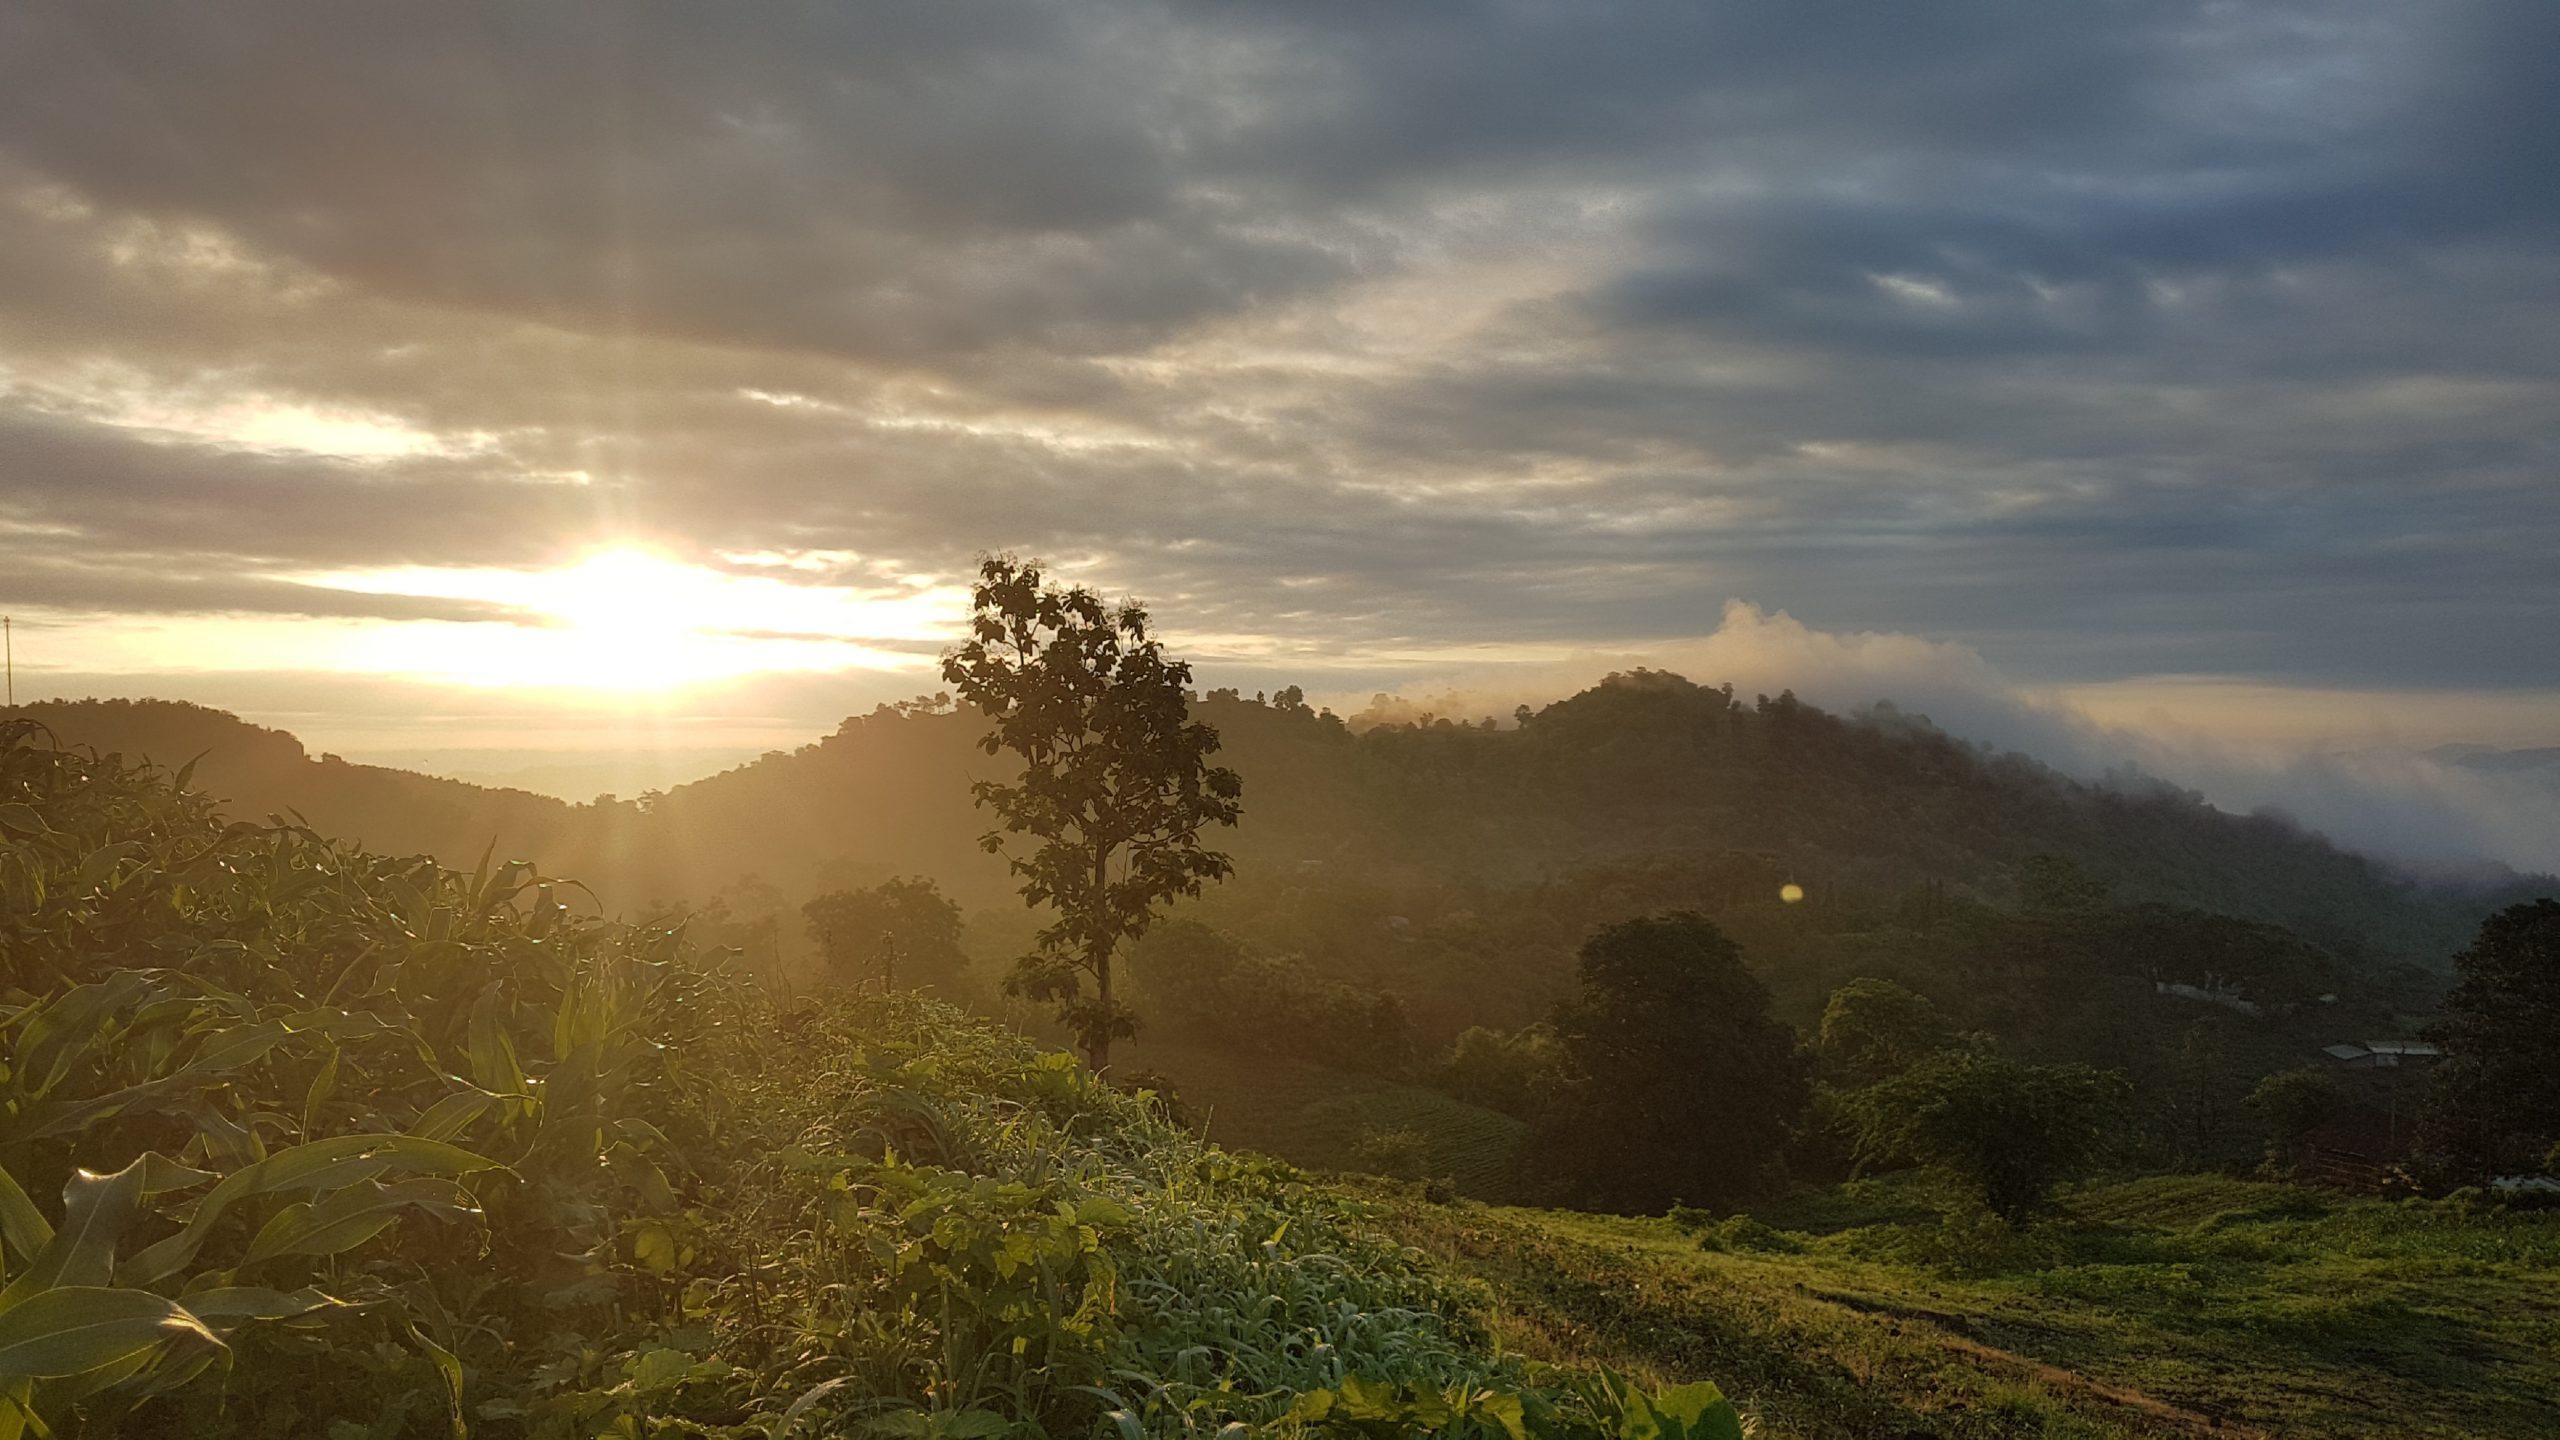 setting sun among mountains